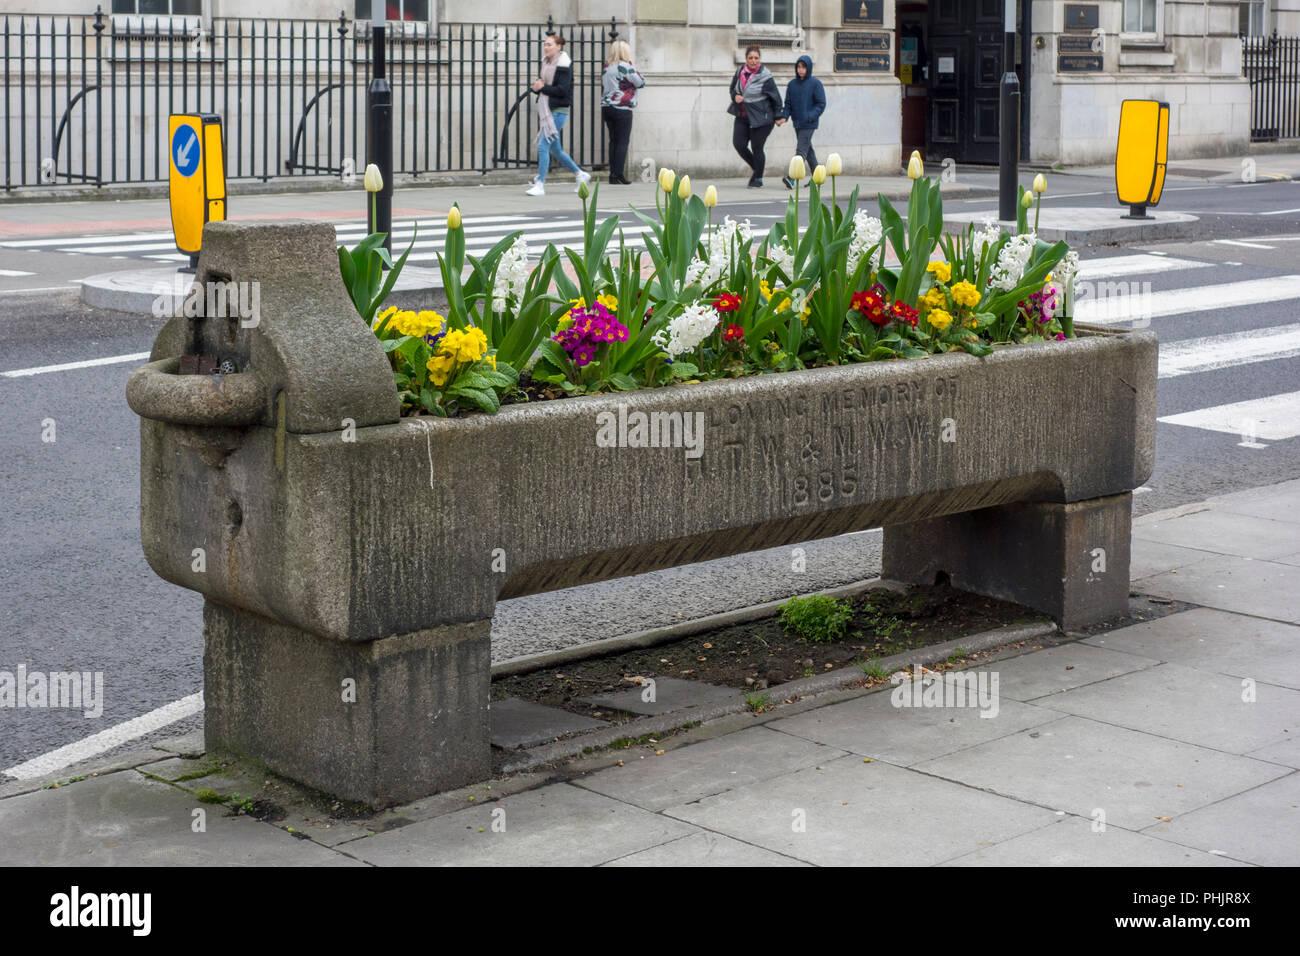 Abrevadero histórico con flores, metropolitana El fuente de agua potable y ganado a través de la asociación, de la ciudad de Londres, Reino Unido Imagen De Stock